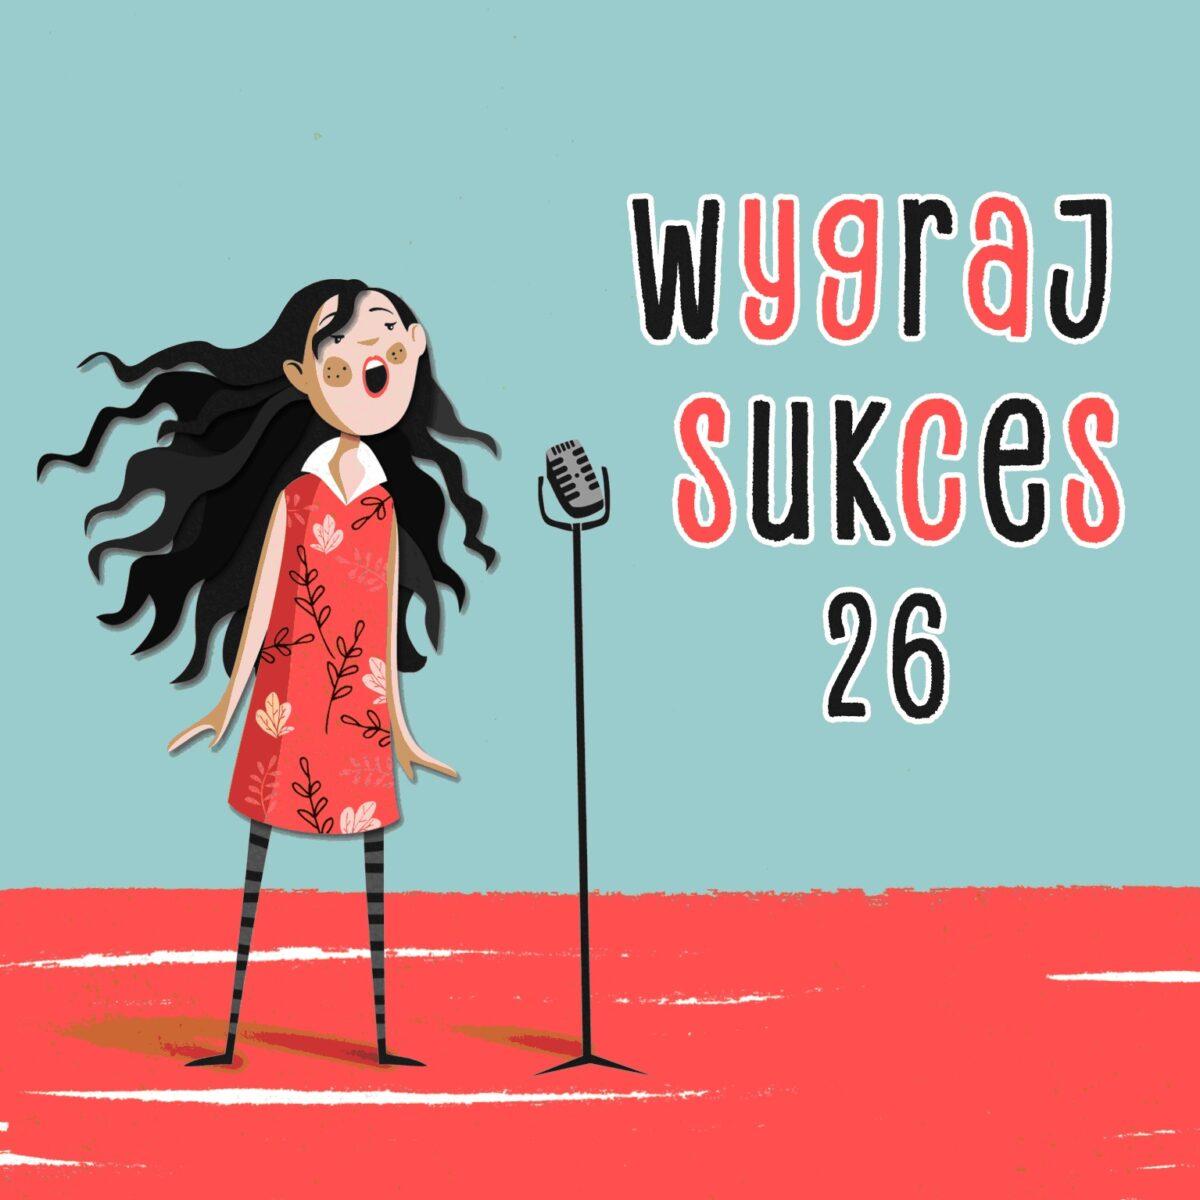 Grafika konkursu piosenki Wygraj Sukces - narysowana postać dziewczyny z długimi rozwianymi włosami przed mikrofonem